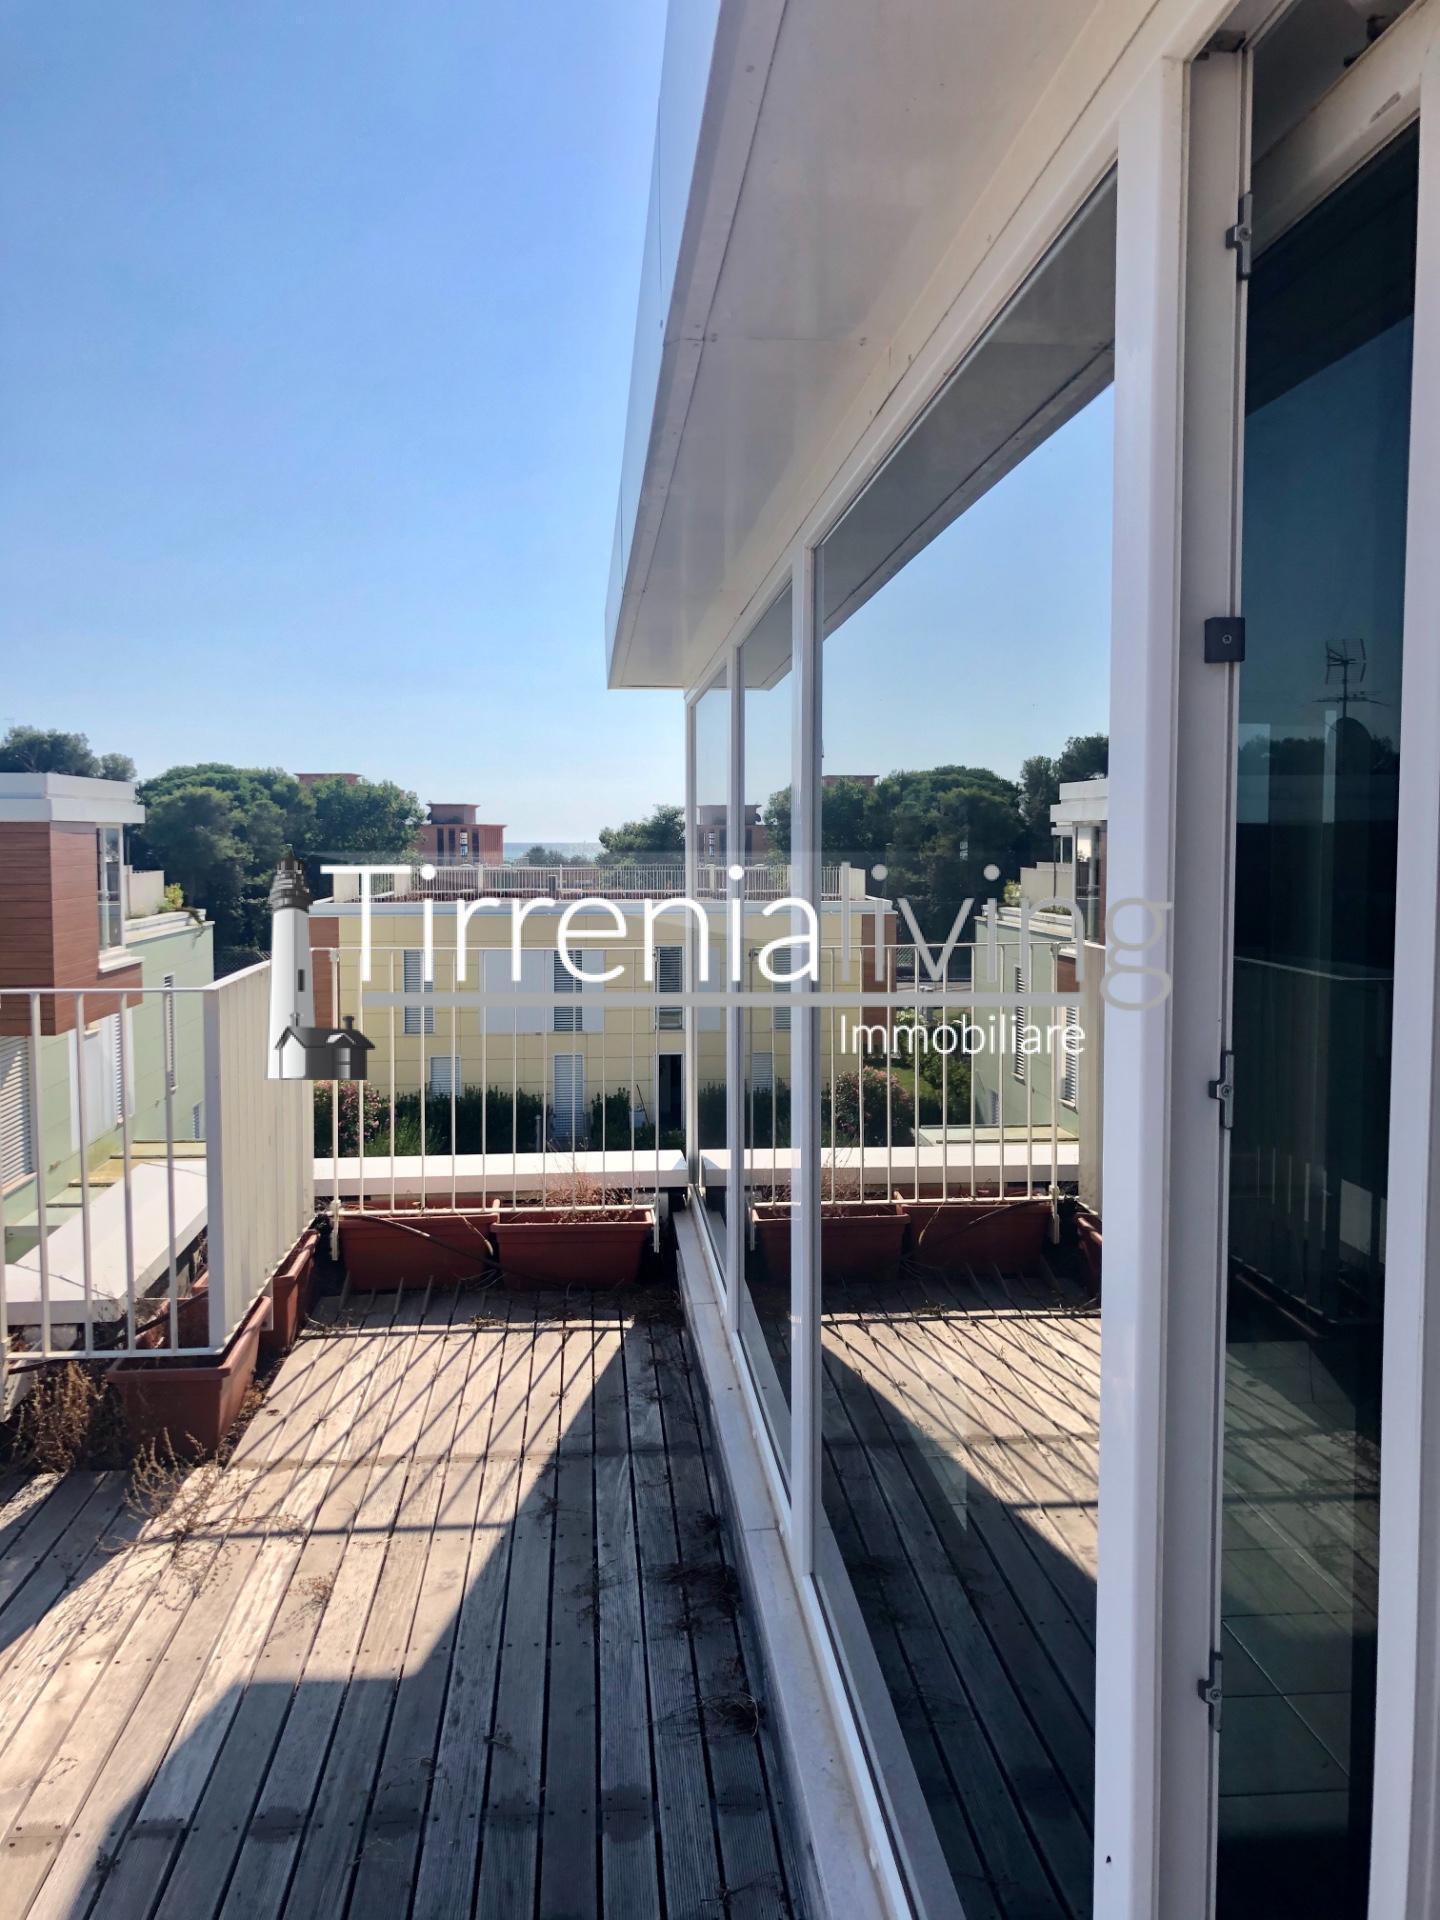 Appartamento in vendita, rif. C-490